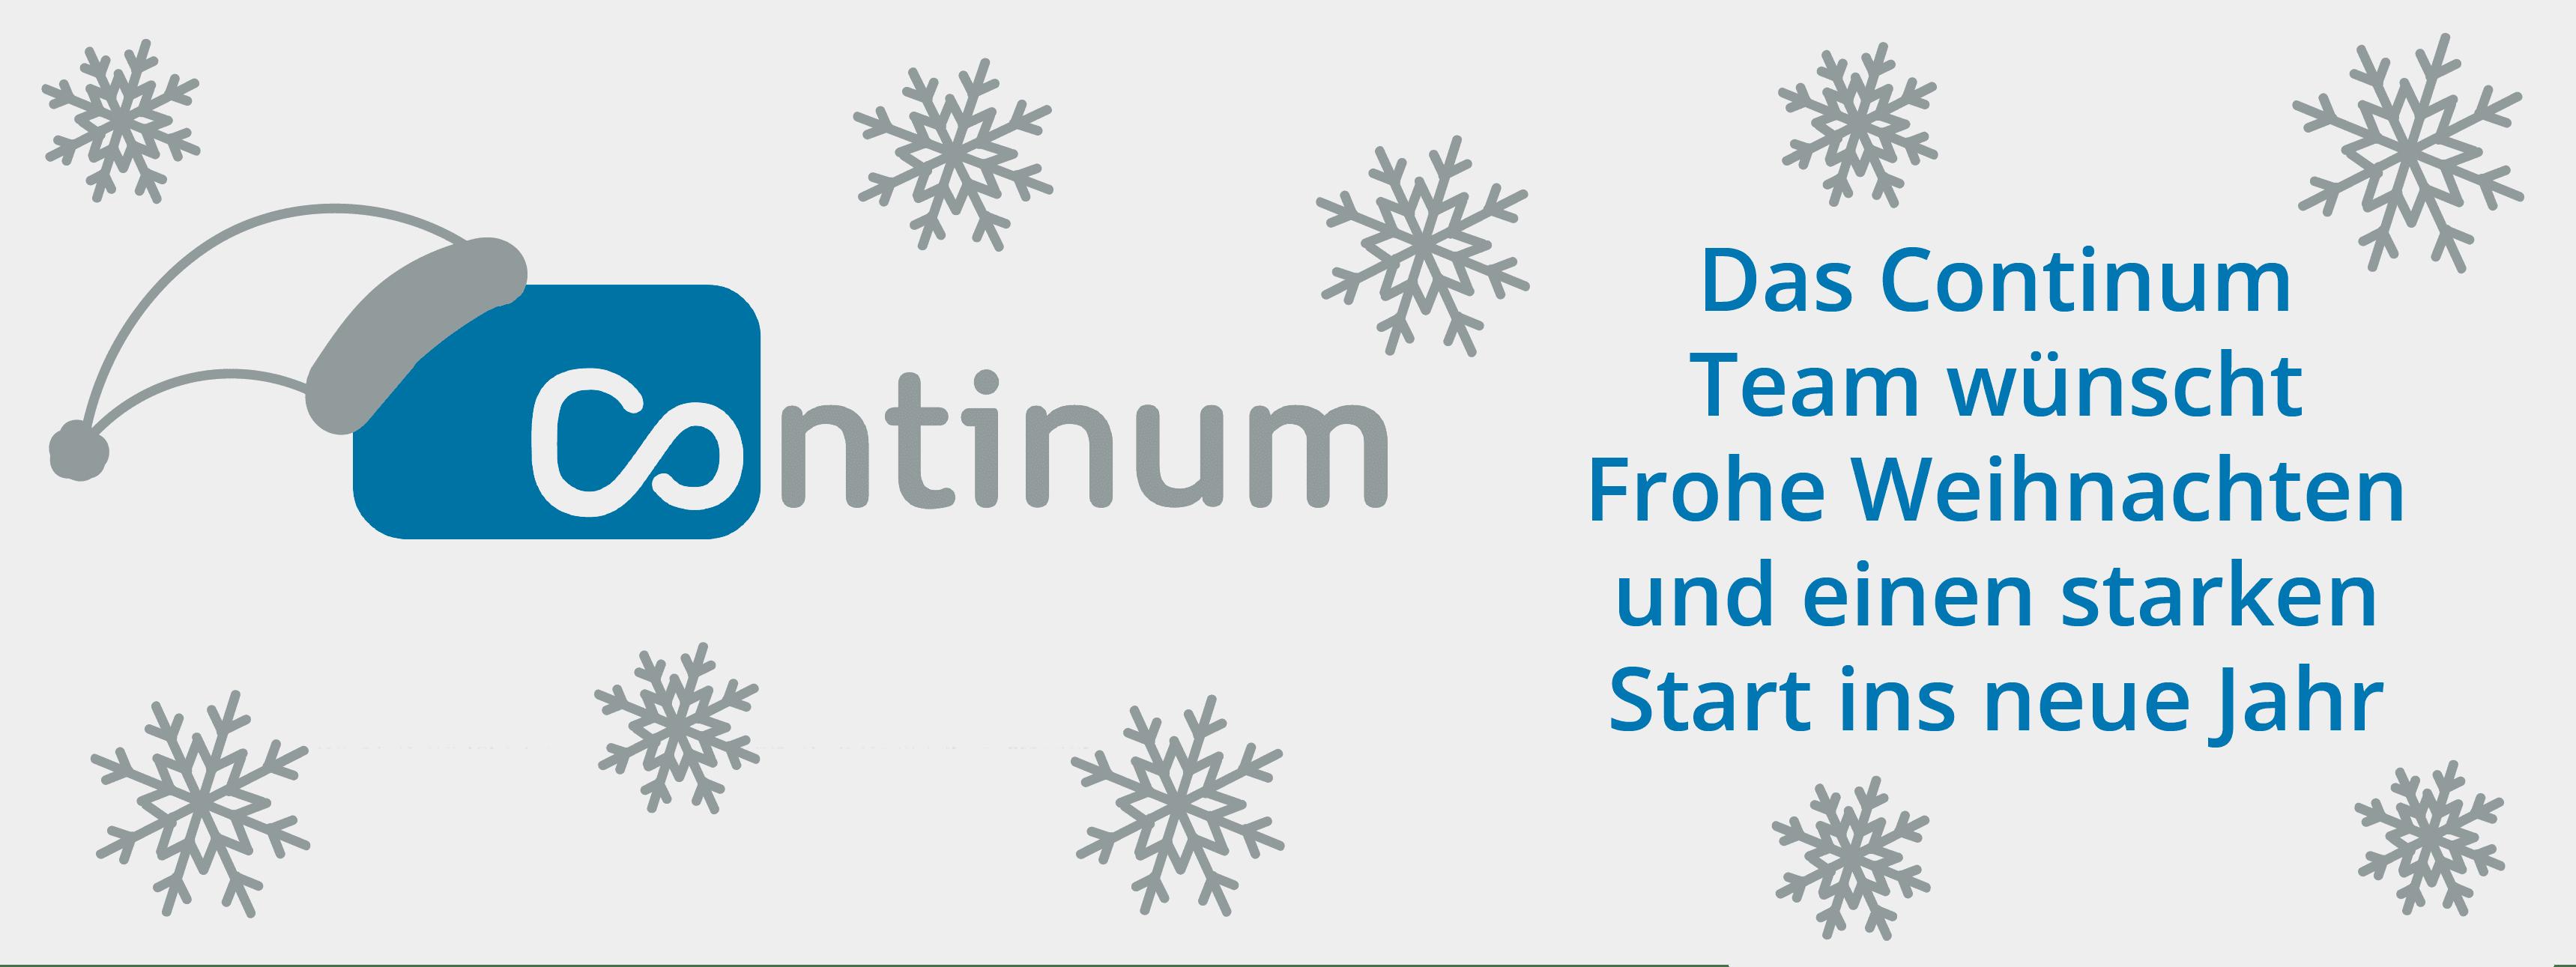 Die Continum AG aus Freiburg wünscht allen Kunden, Partnern und Freunden Frohe Weihnachten und einen gesunden und starken Start ins neue Jahr.